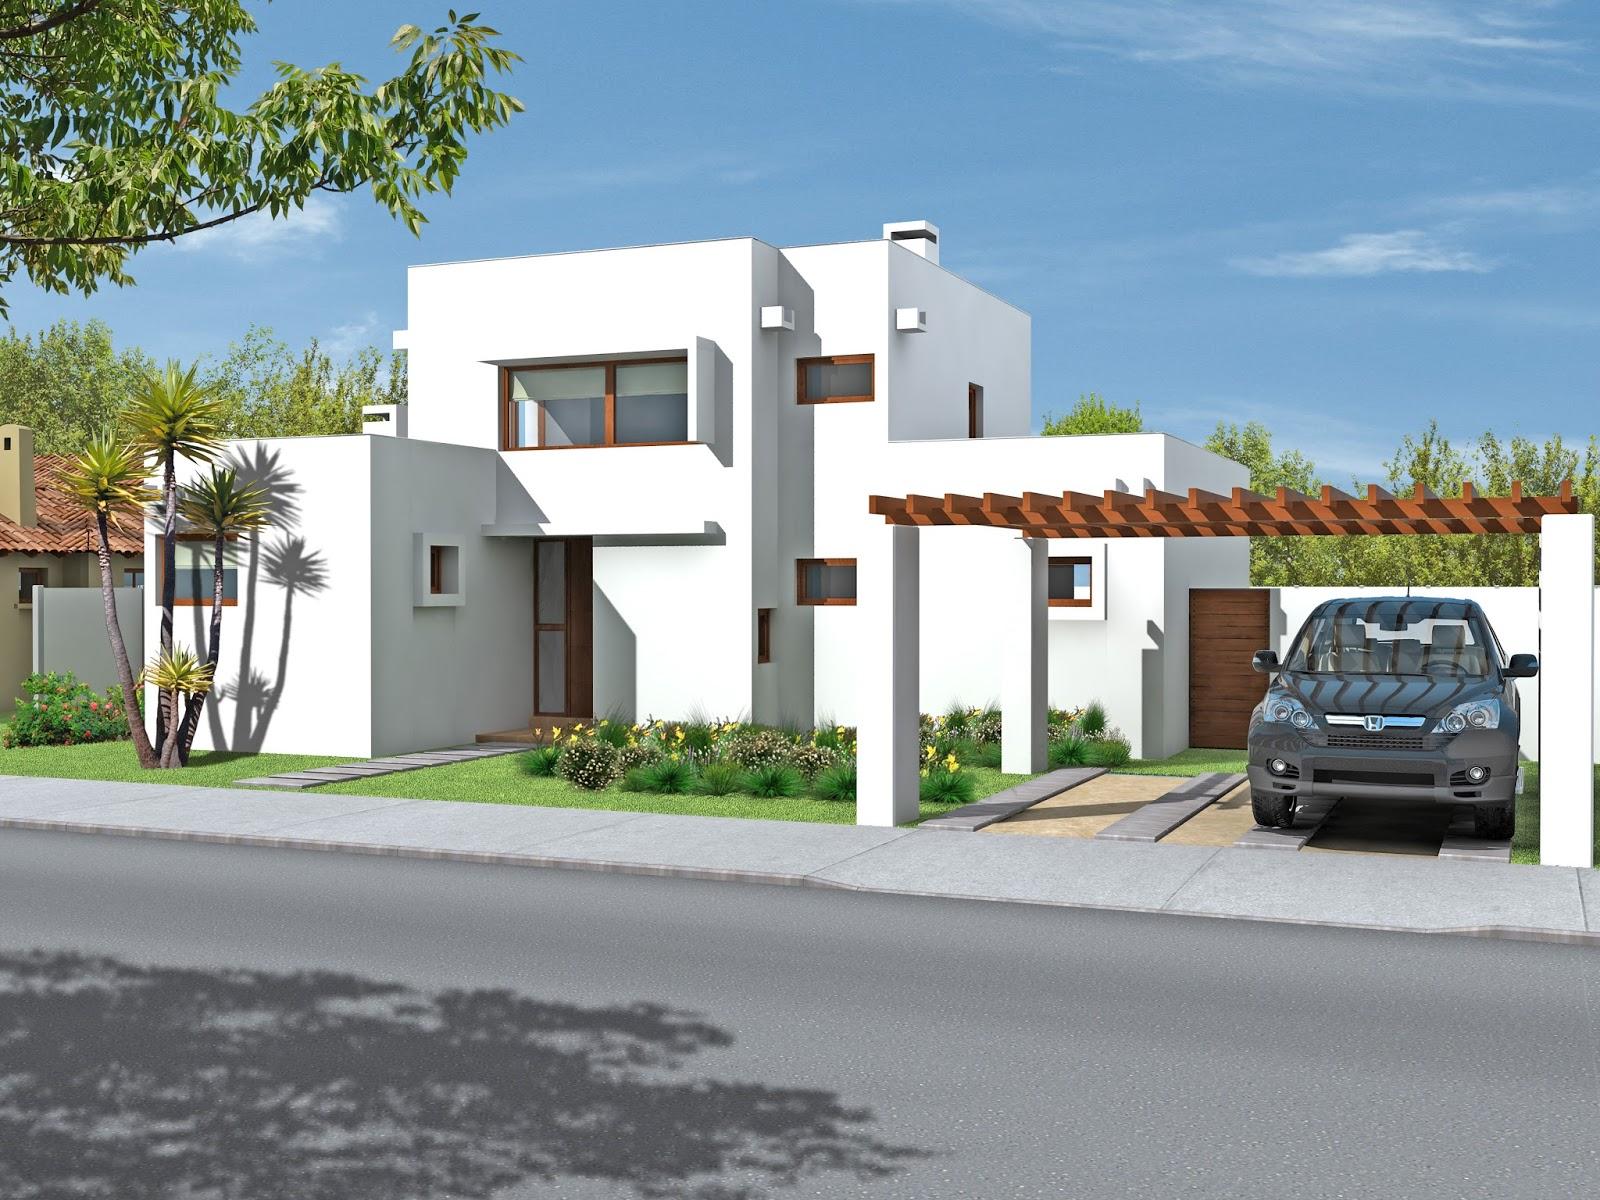 Animaci n 3d casas 3d plantas y loteos 2d for Casas en 2d